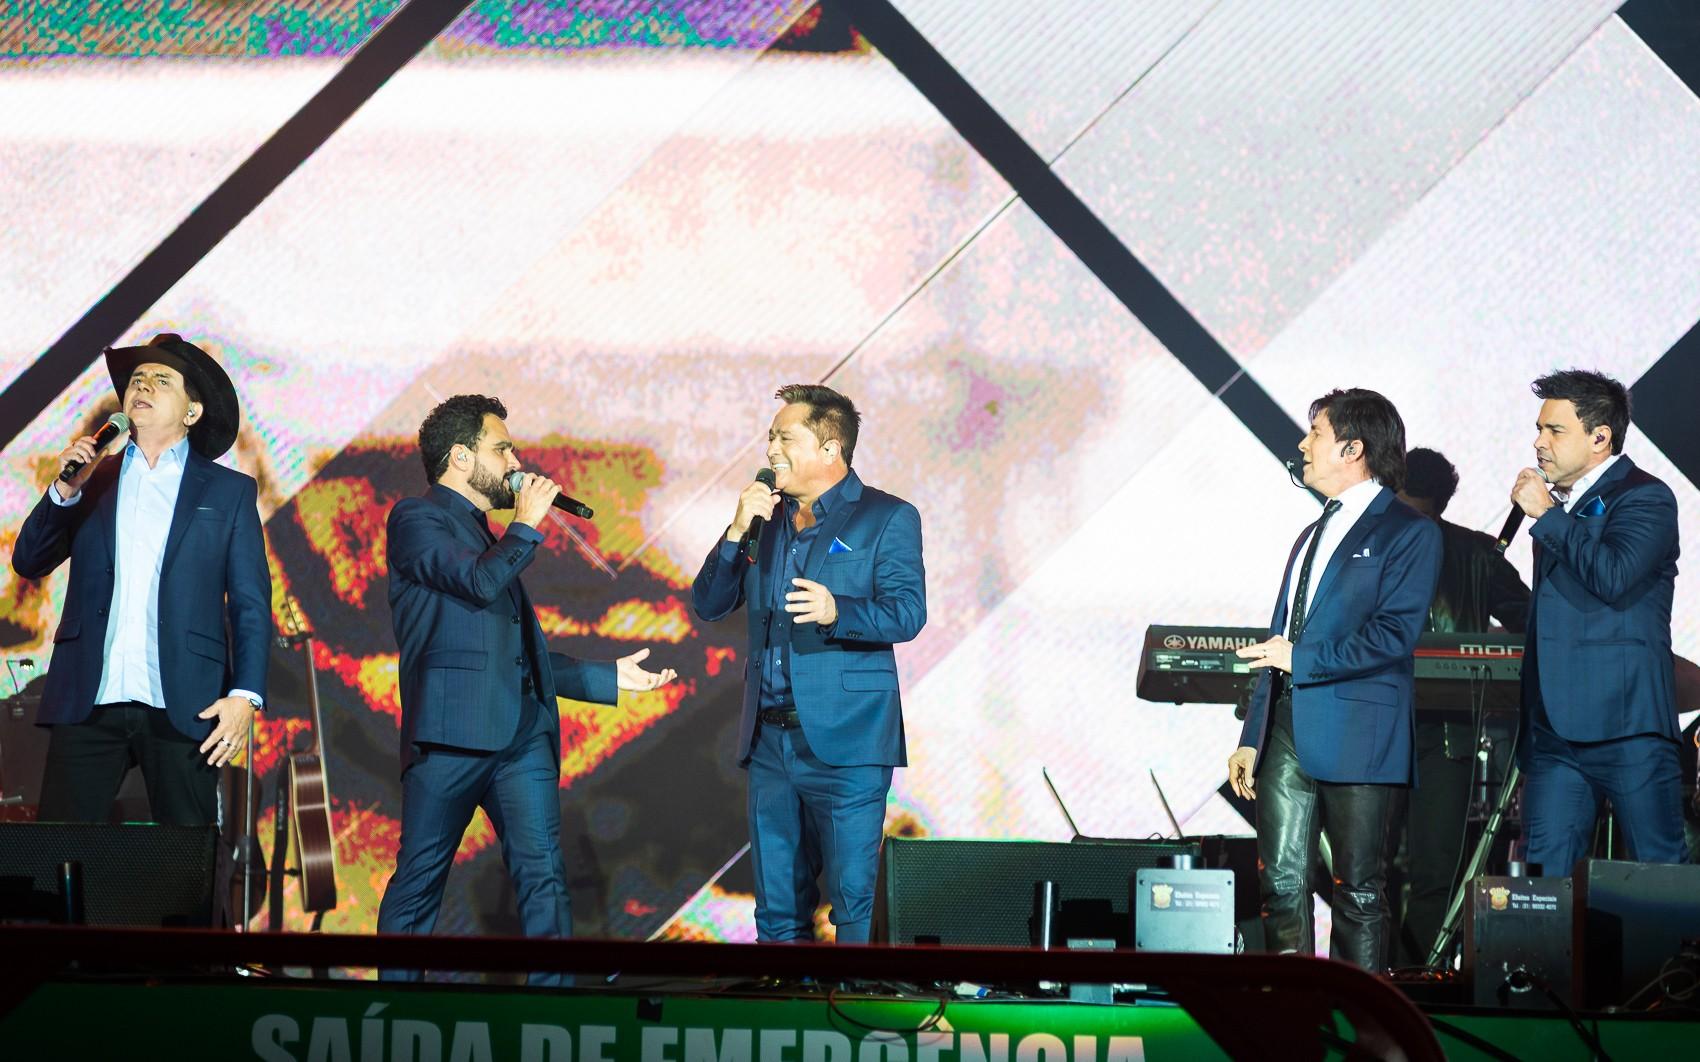 Show da turnê 'Amigos' em Ribeirão Preto, SP, é adiado pela 3ª vez por conta da Covid